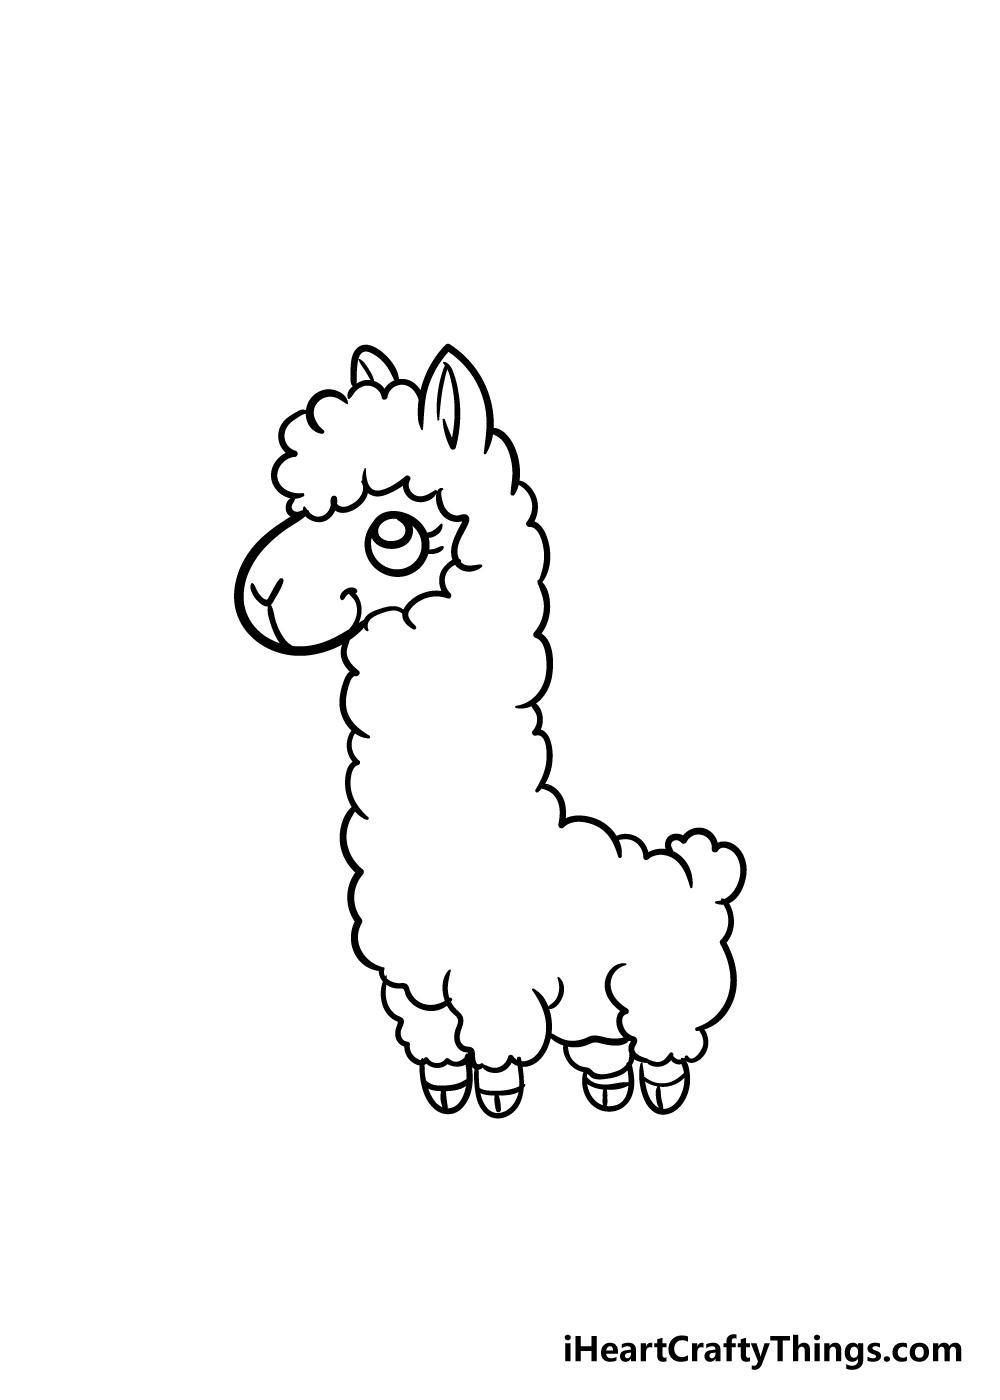 llama drawing step 6